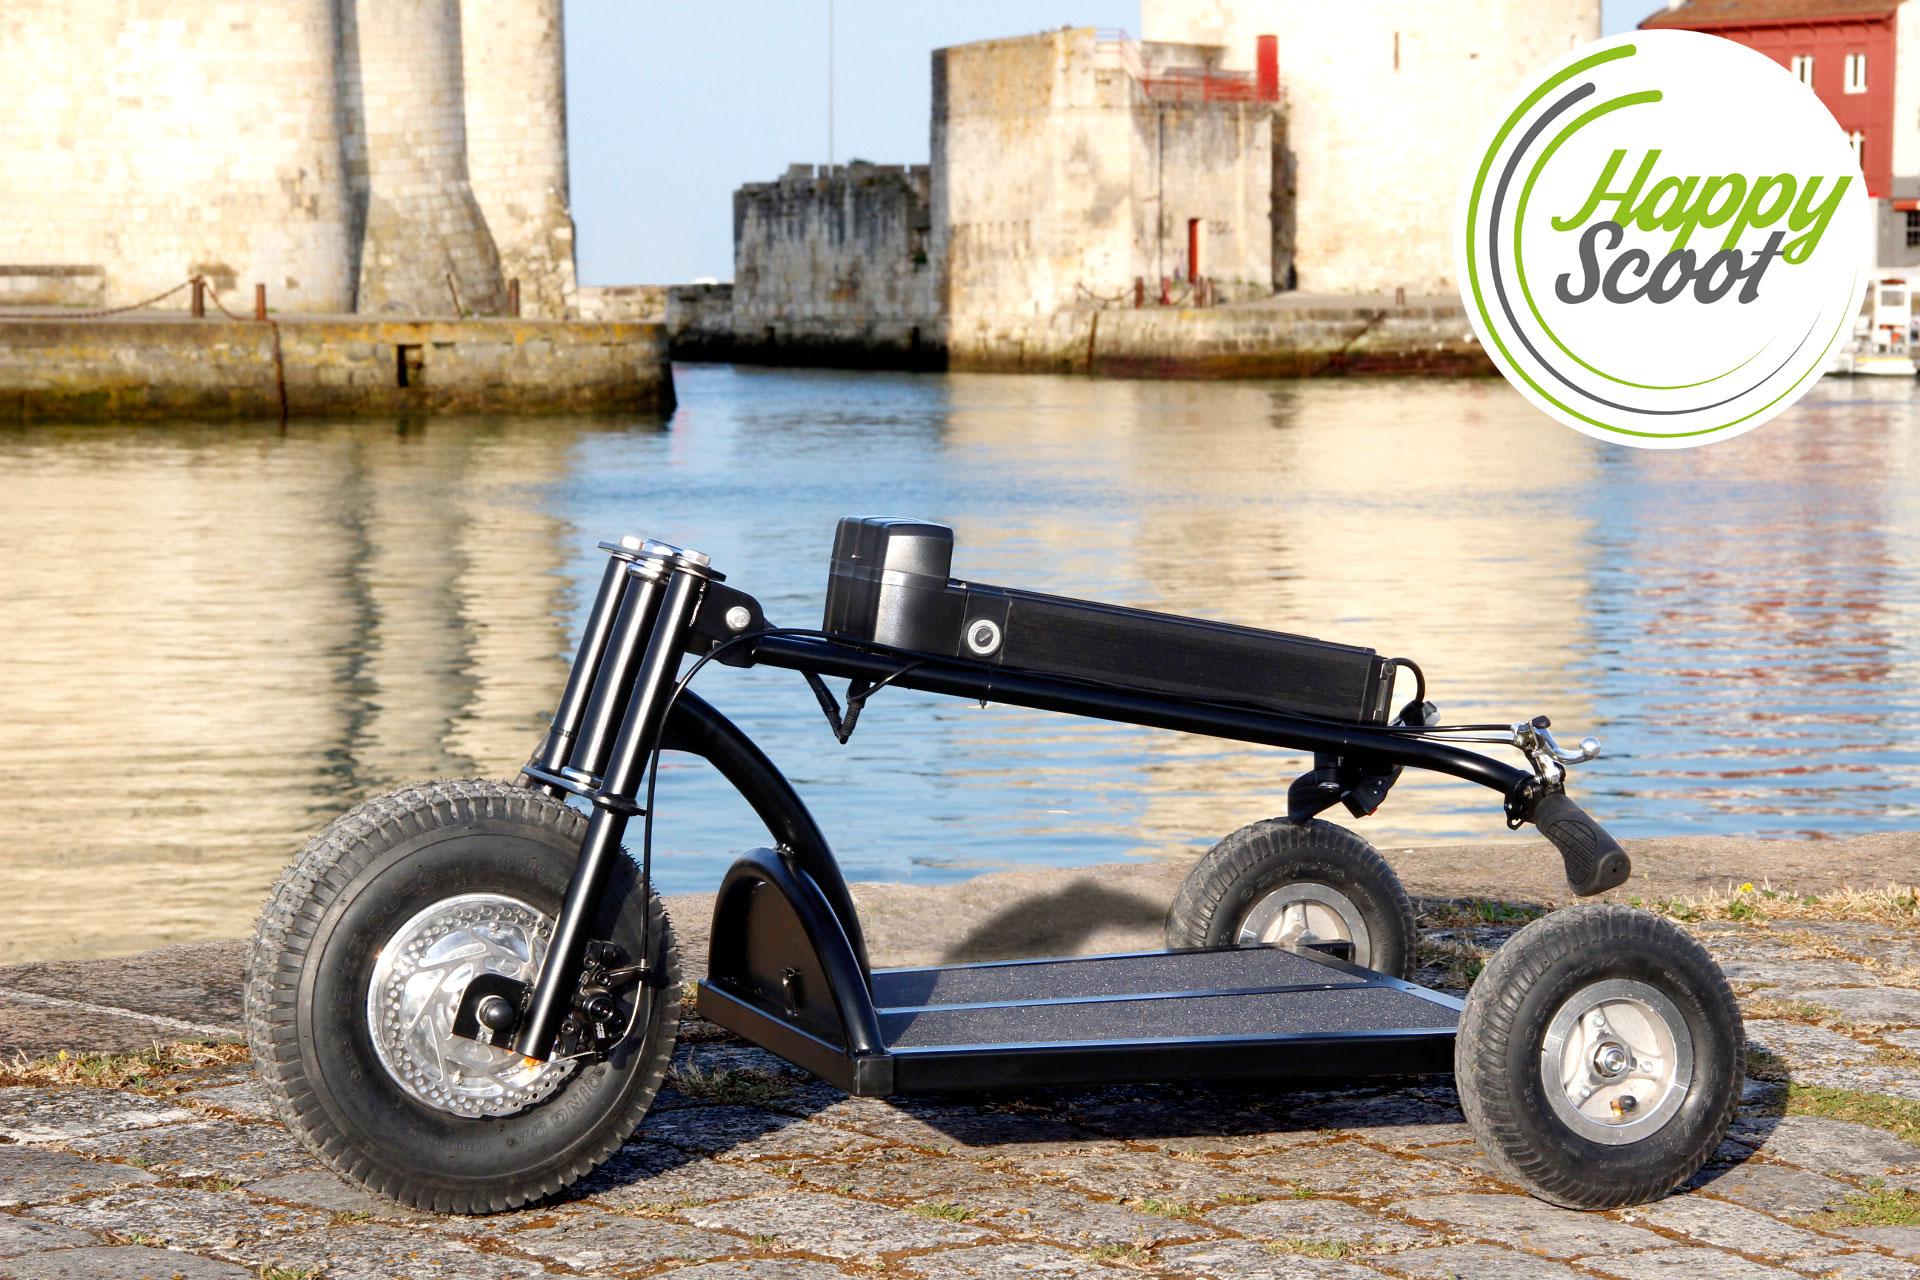 la trottinette lectrique 3 roues happy scoot fabriqu e. Black Bedroom Furniture Sets. Home Design Ideas